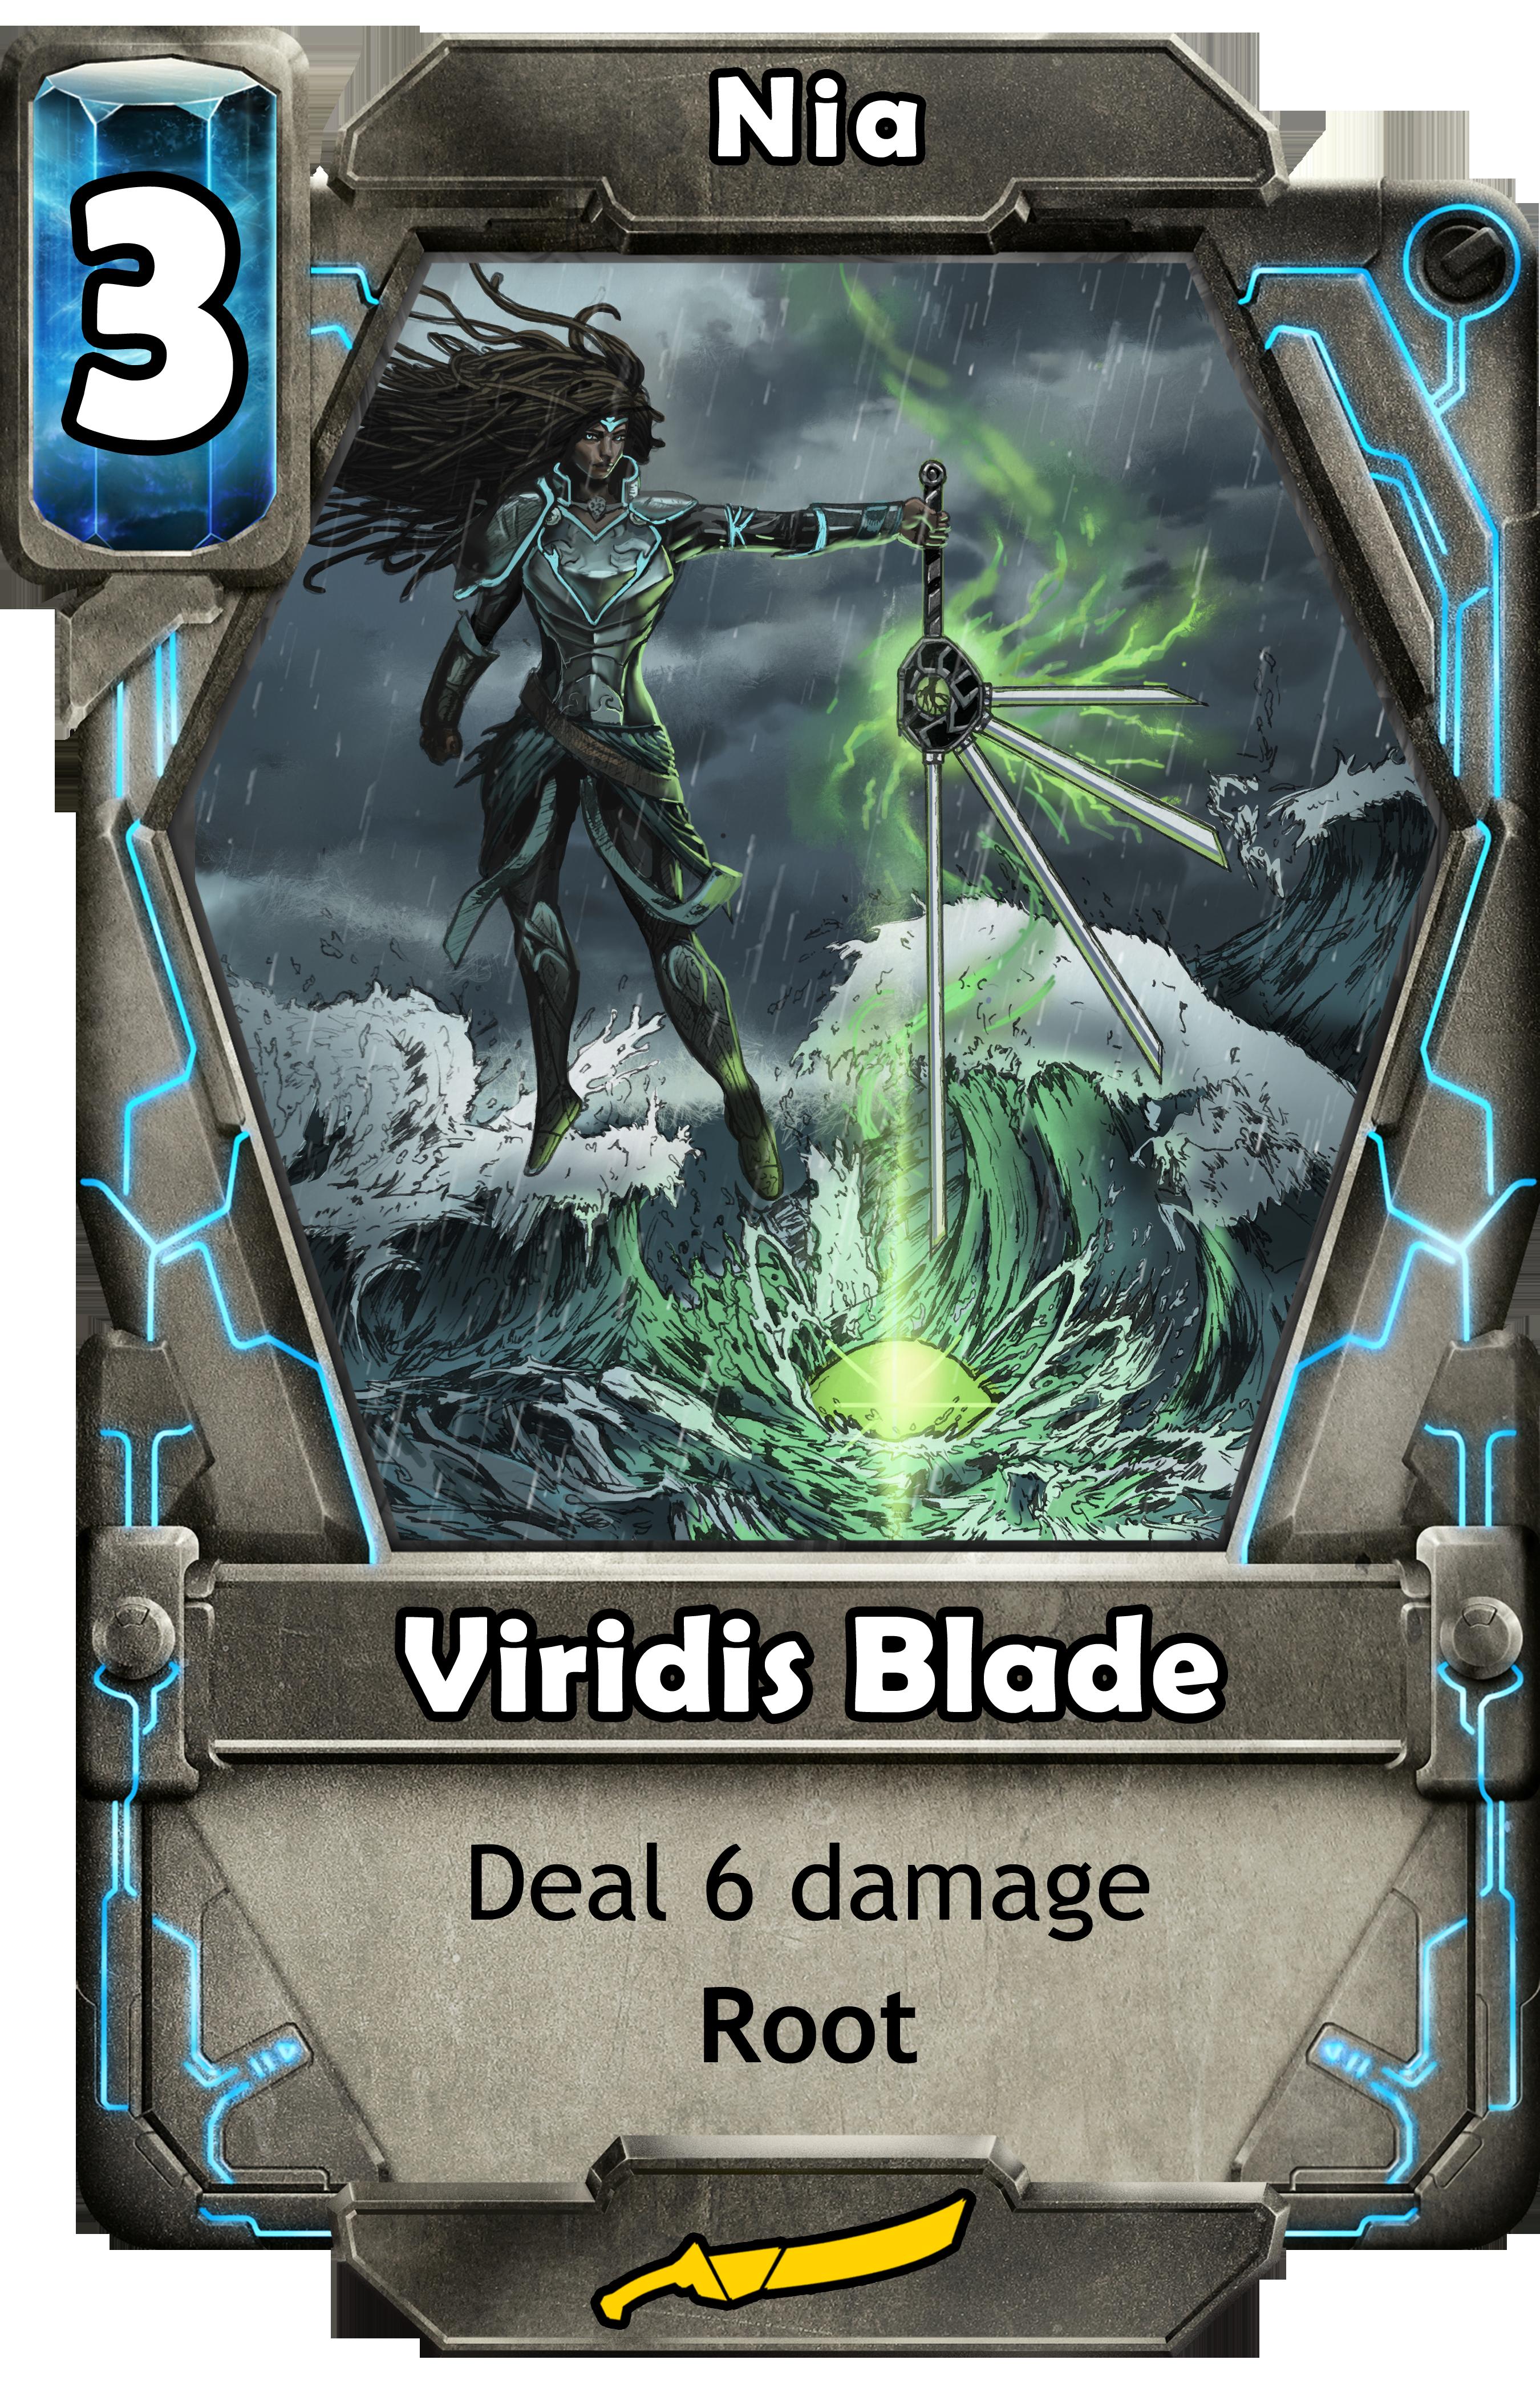 Viridis Blade